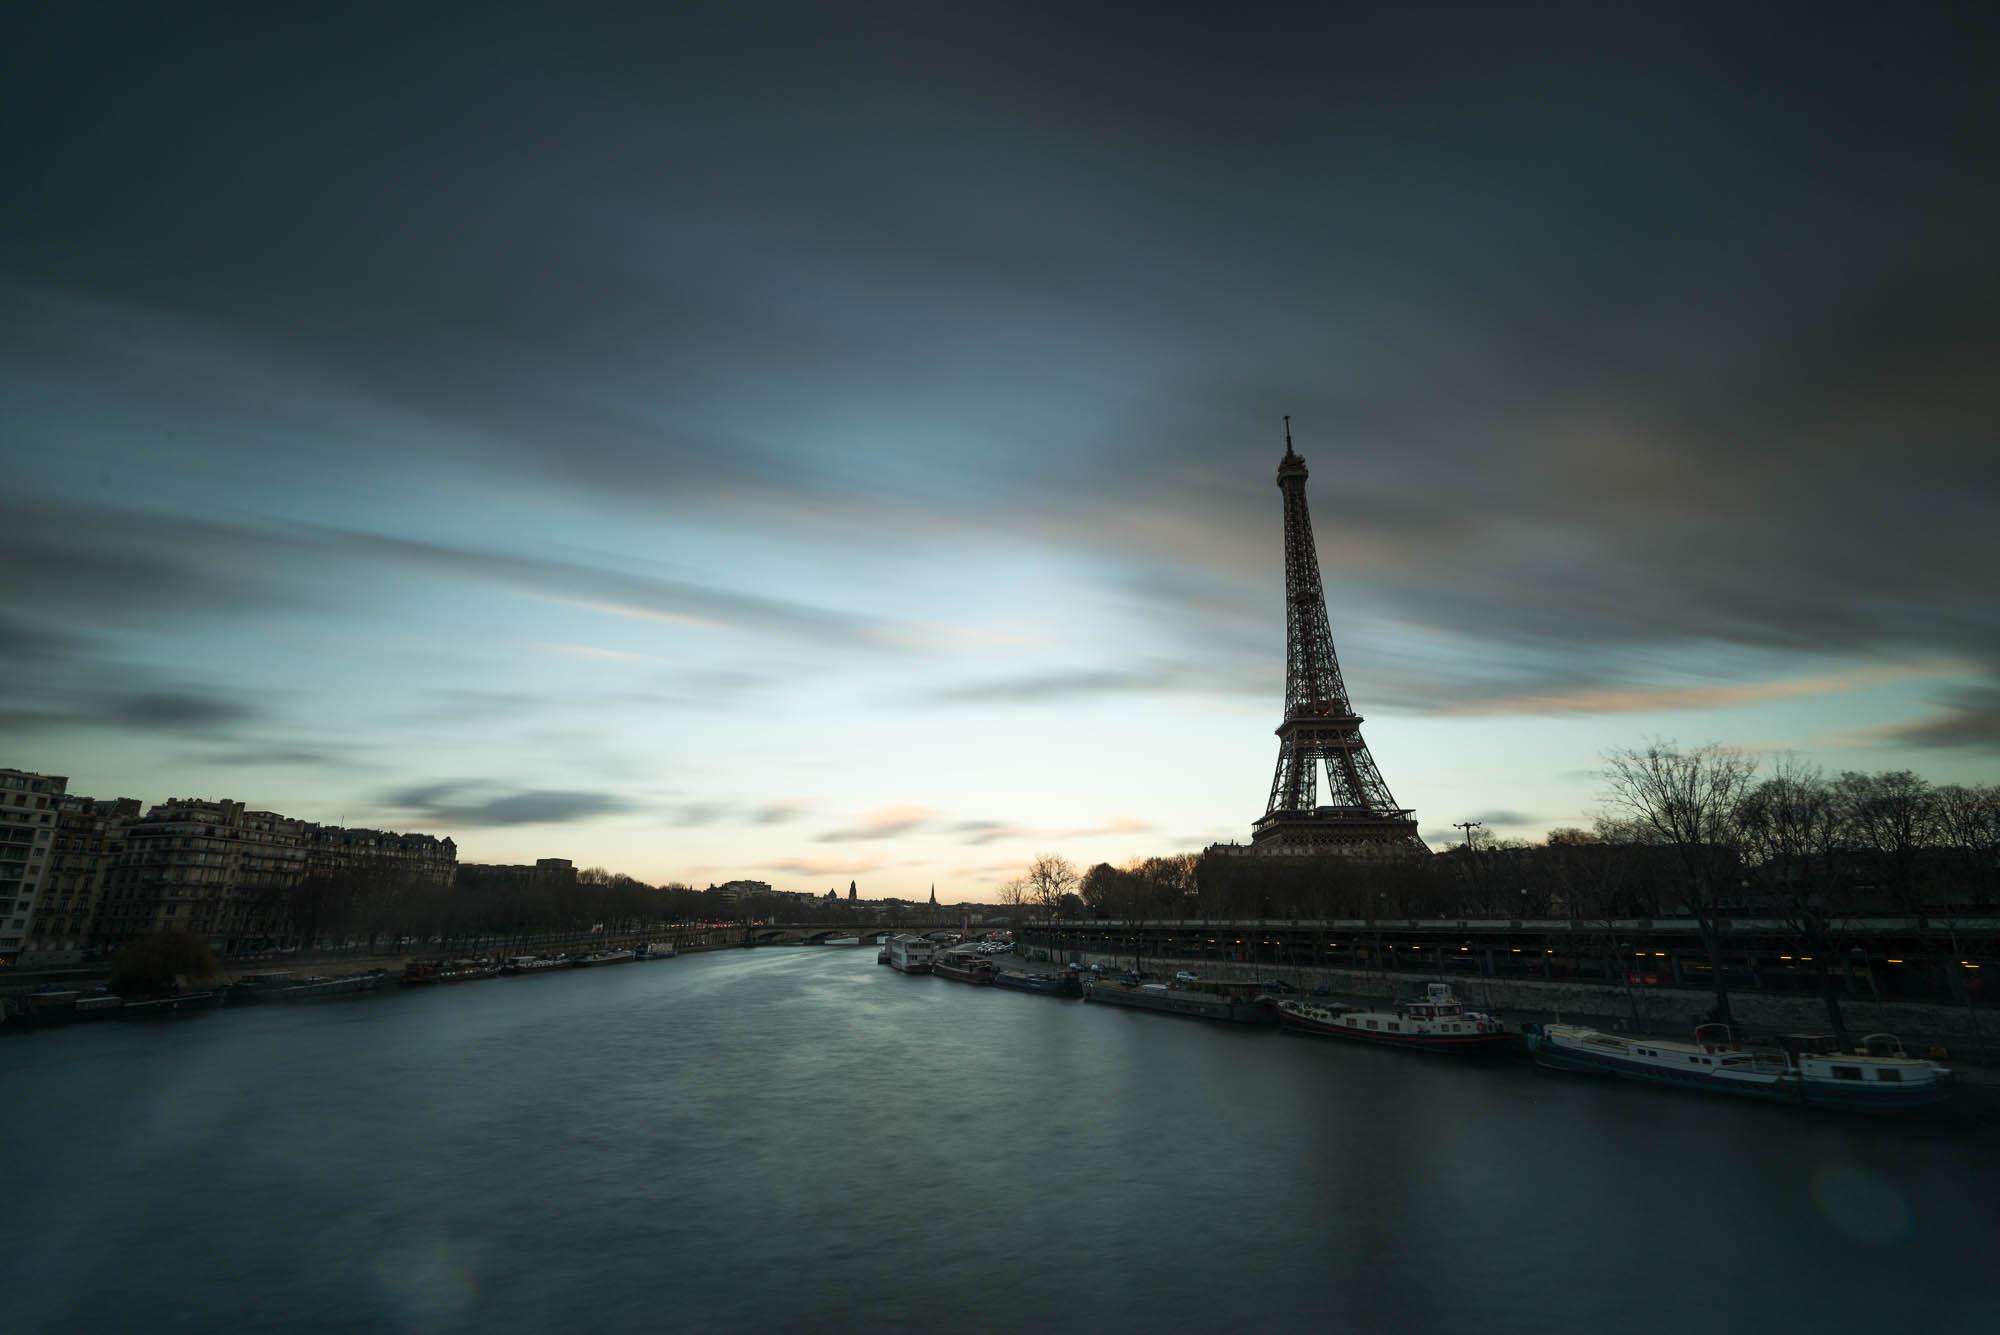 La Seine et la Tour Eiffel - filtre Nisi AR ND 1000 + filtre GND8 Soft - 16mm, 30s, f/11, ISO 100 - © Damien Roué